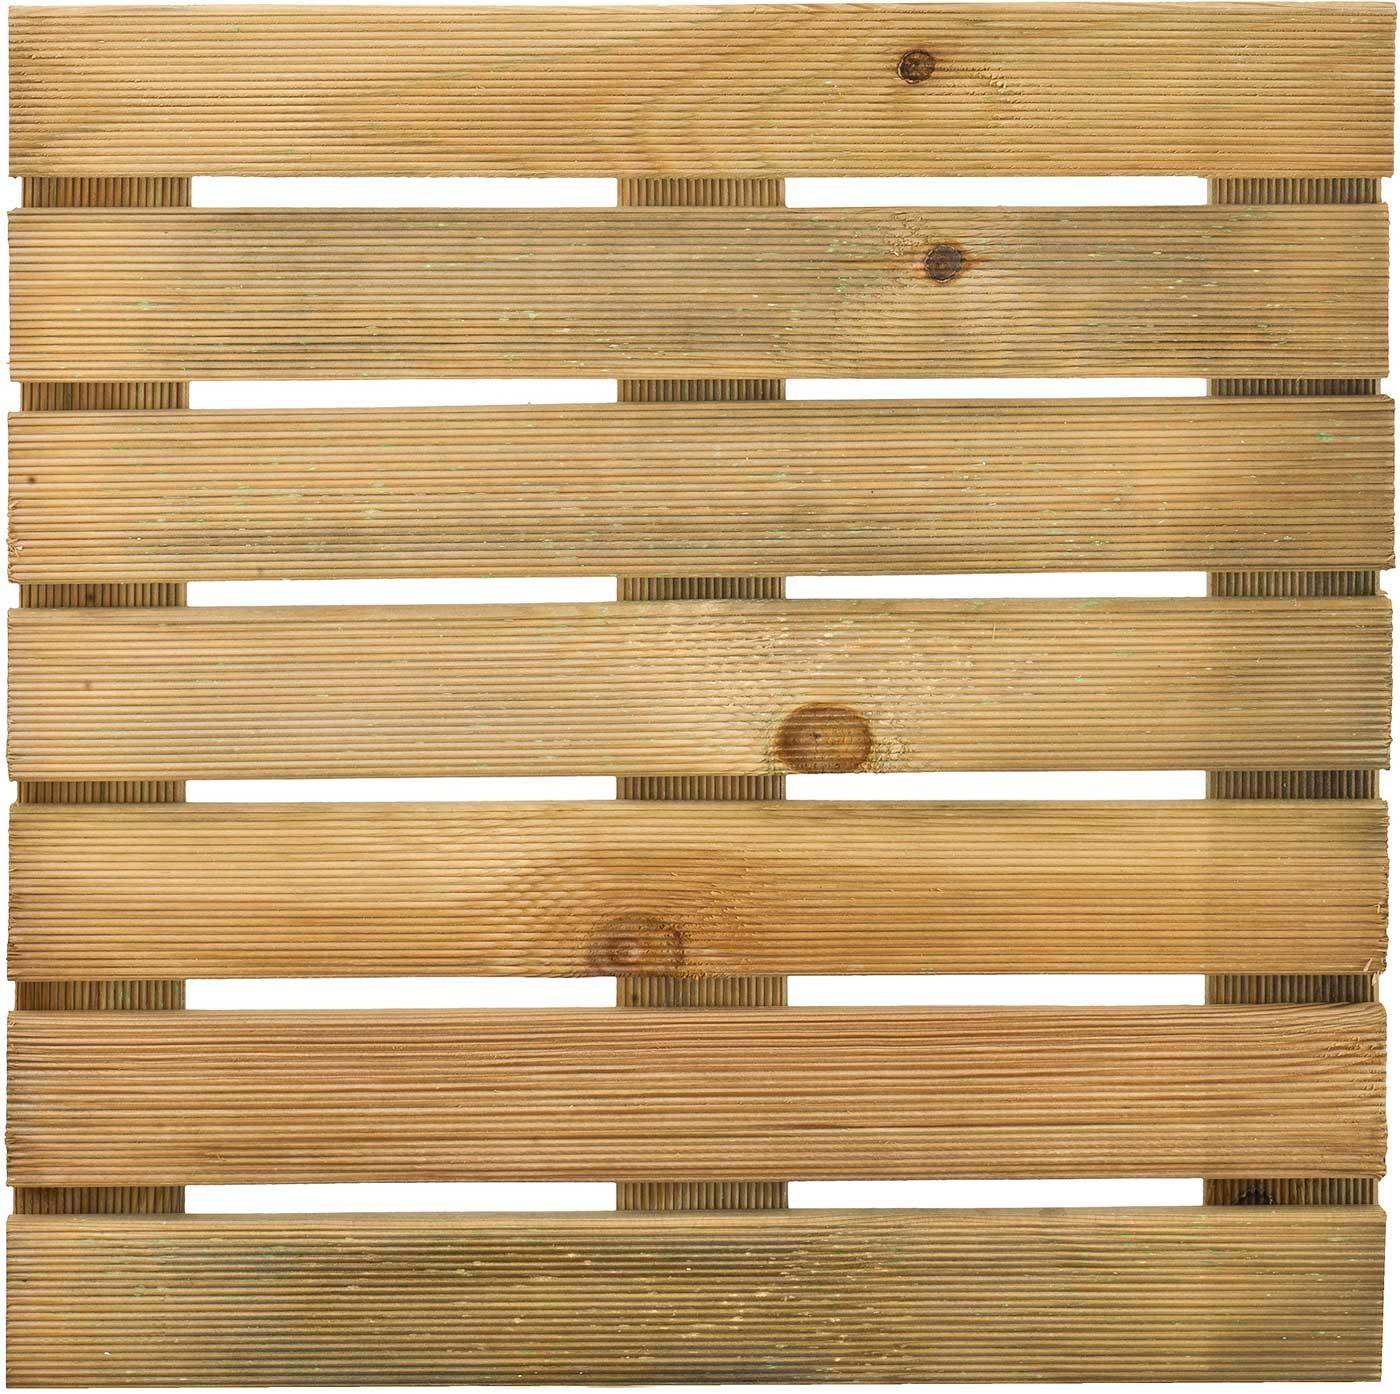 terrasse bois hauteur 50 cm diverses id es de conception de patio en bois pour. Black Bedroom Furniture Sets. Home Design Ideas